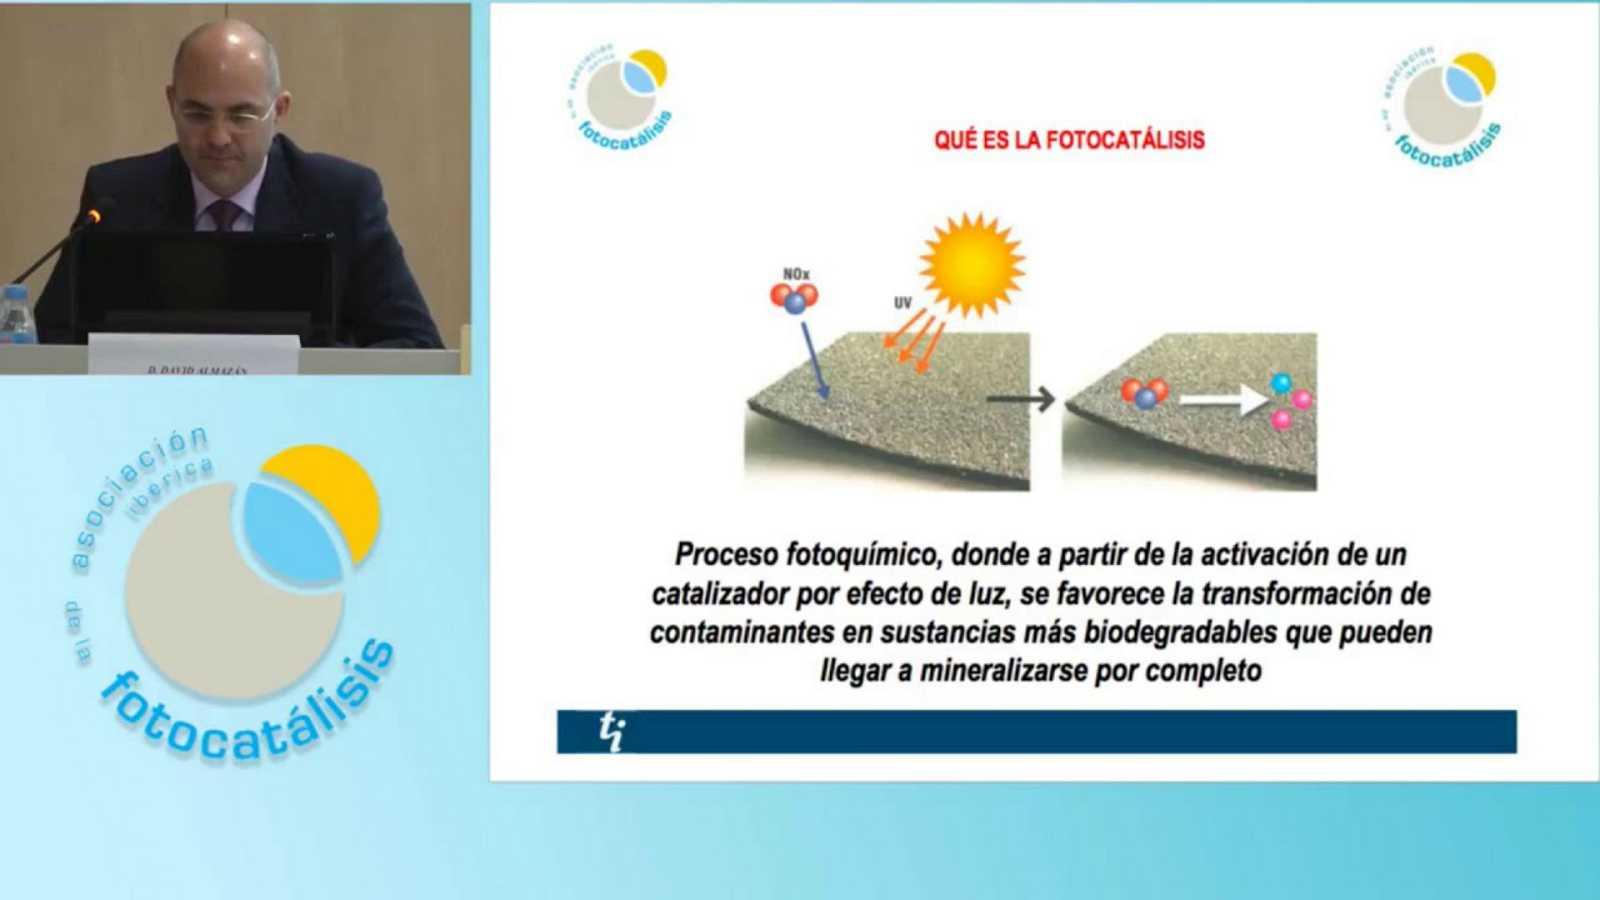 Entre probetas - Fotocatálisis al servicio de la desinfección como biocida - 29/09/20 - Escuchar ahora